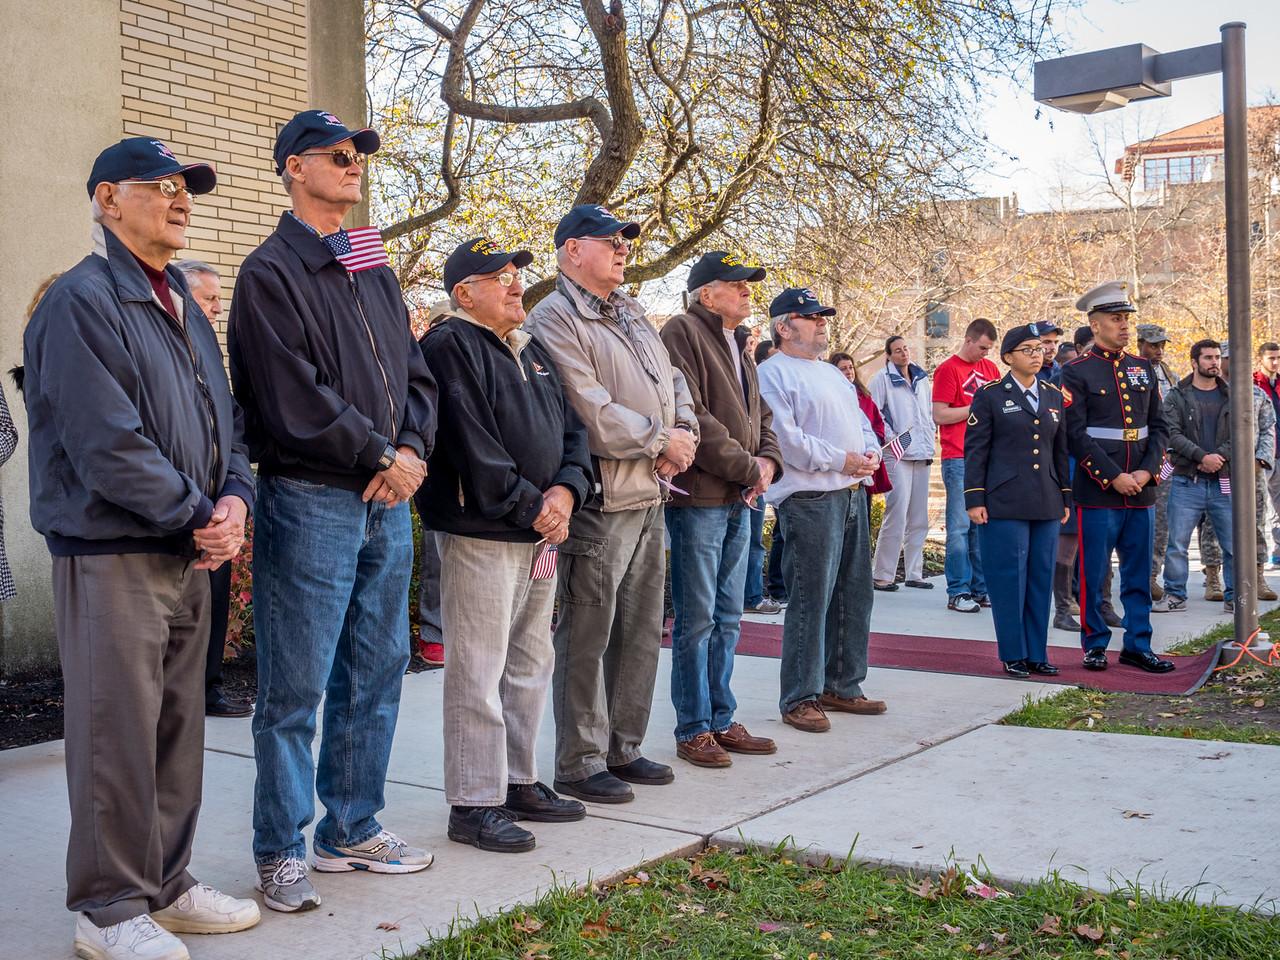 111014_6674_Veterans Day Flag Raising